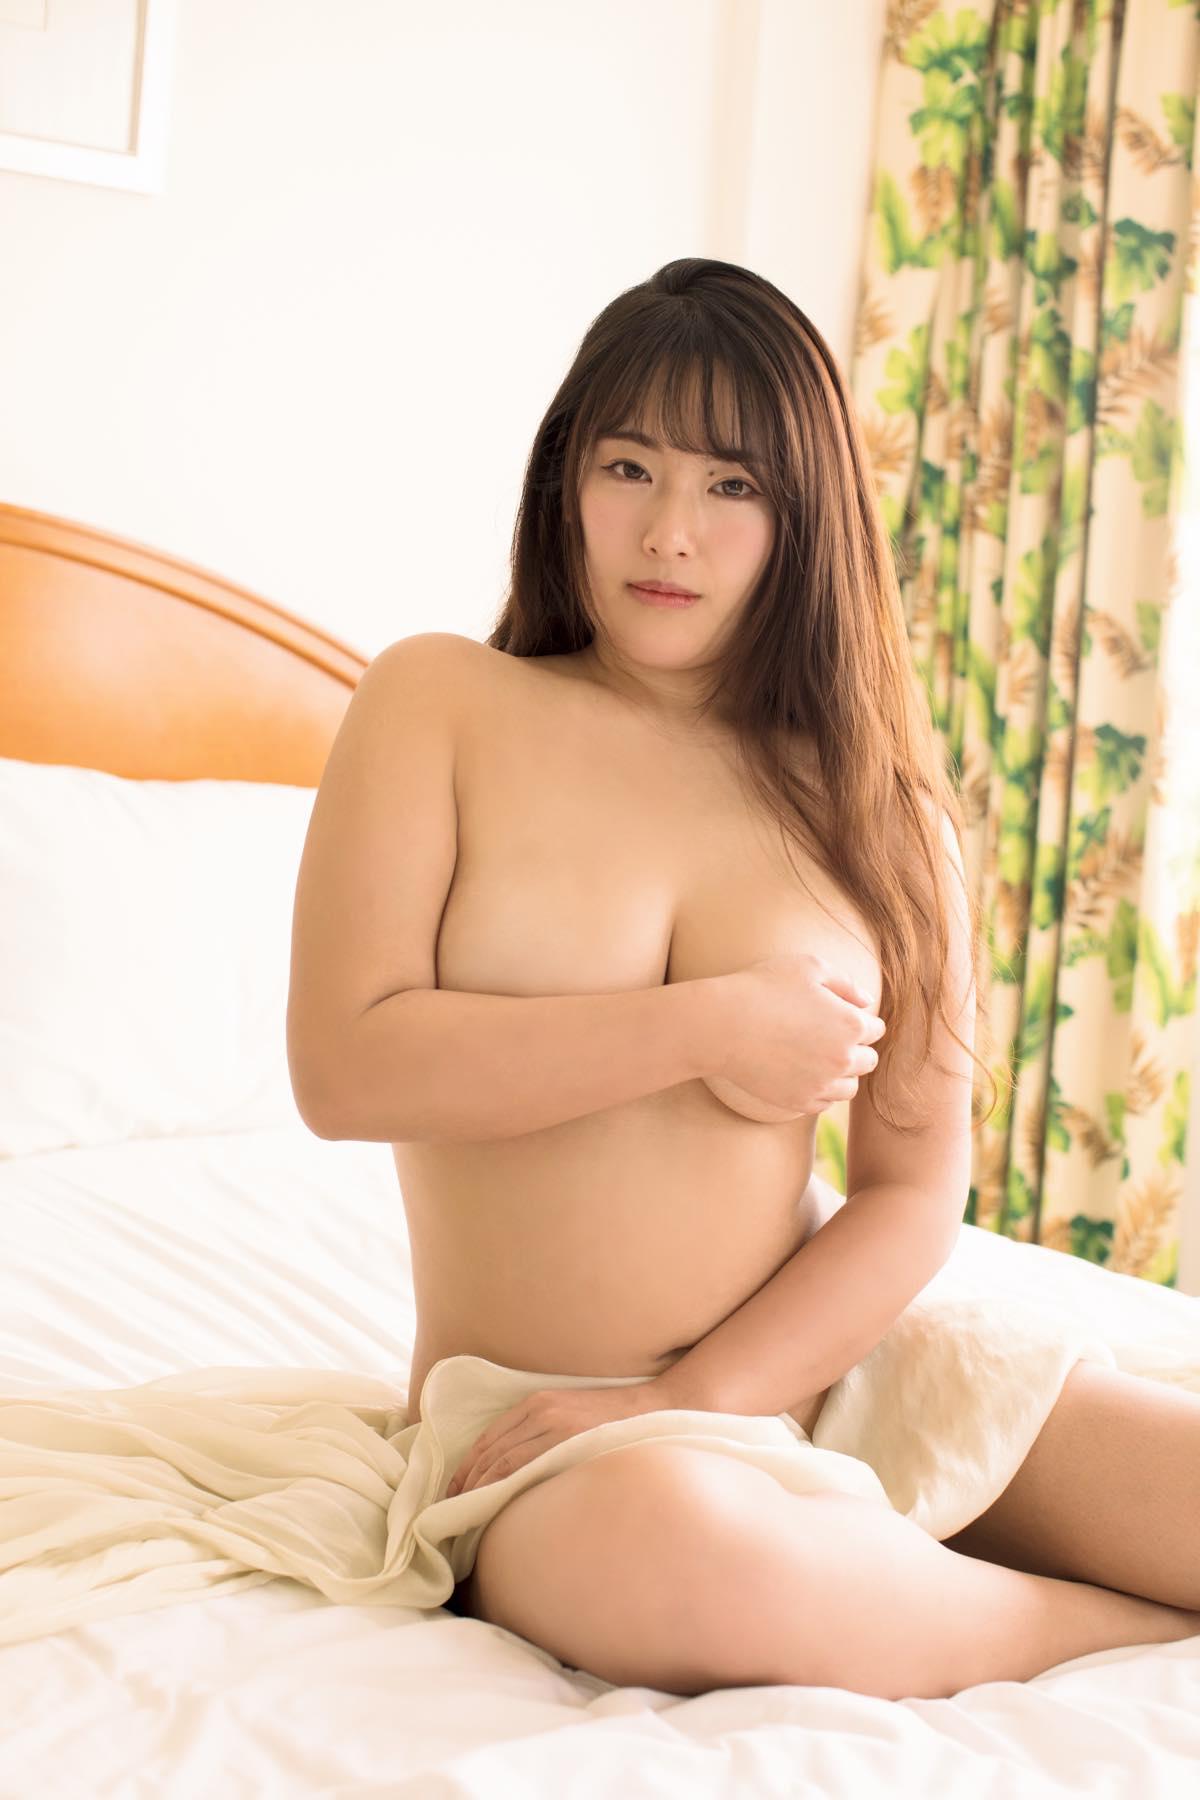 秋山かほ「胸が大きすぎてチェーンがちぎれちゃいました」【写真12枚】の画像004